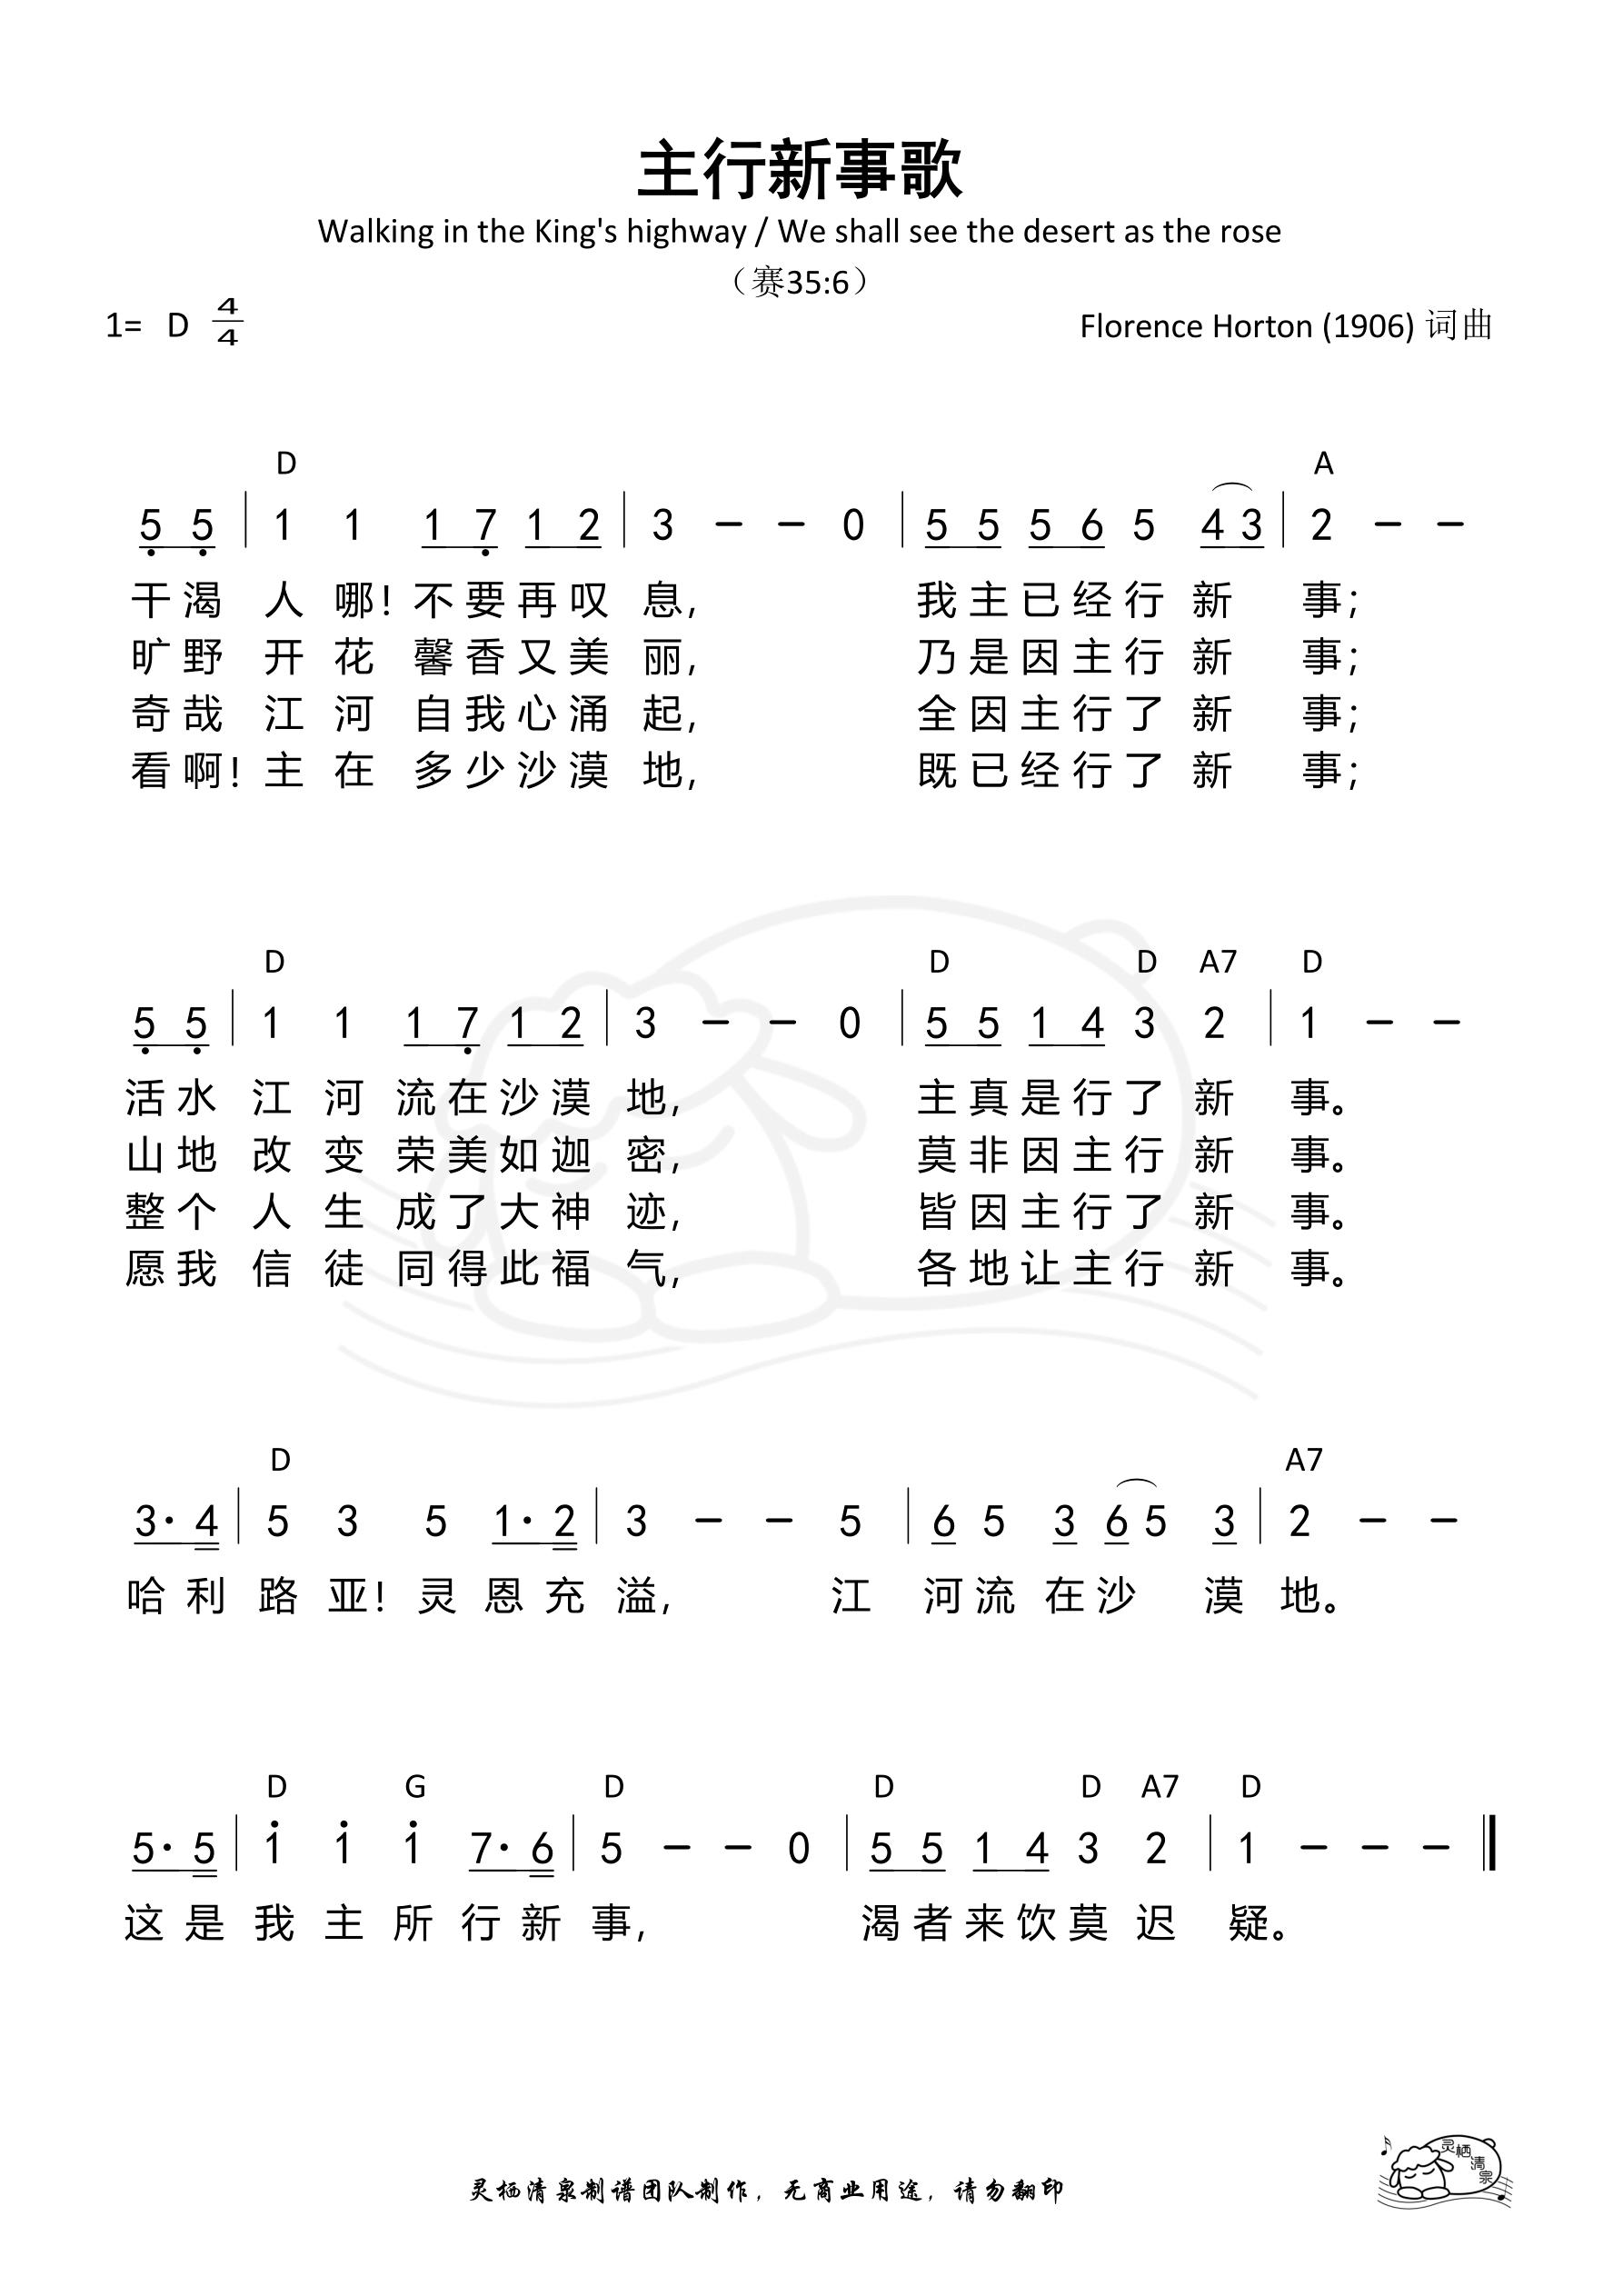 《第194首 - 主行新事歌 和弦简谱》